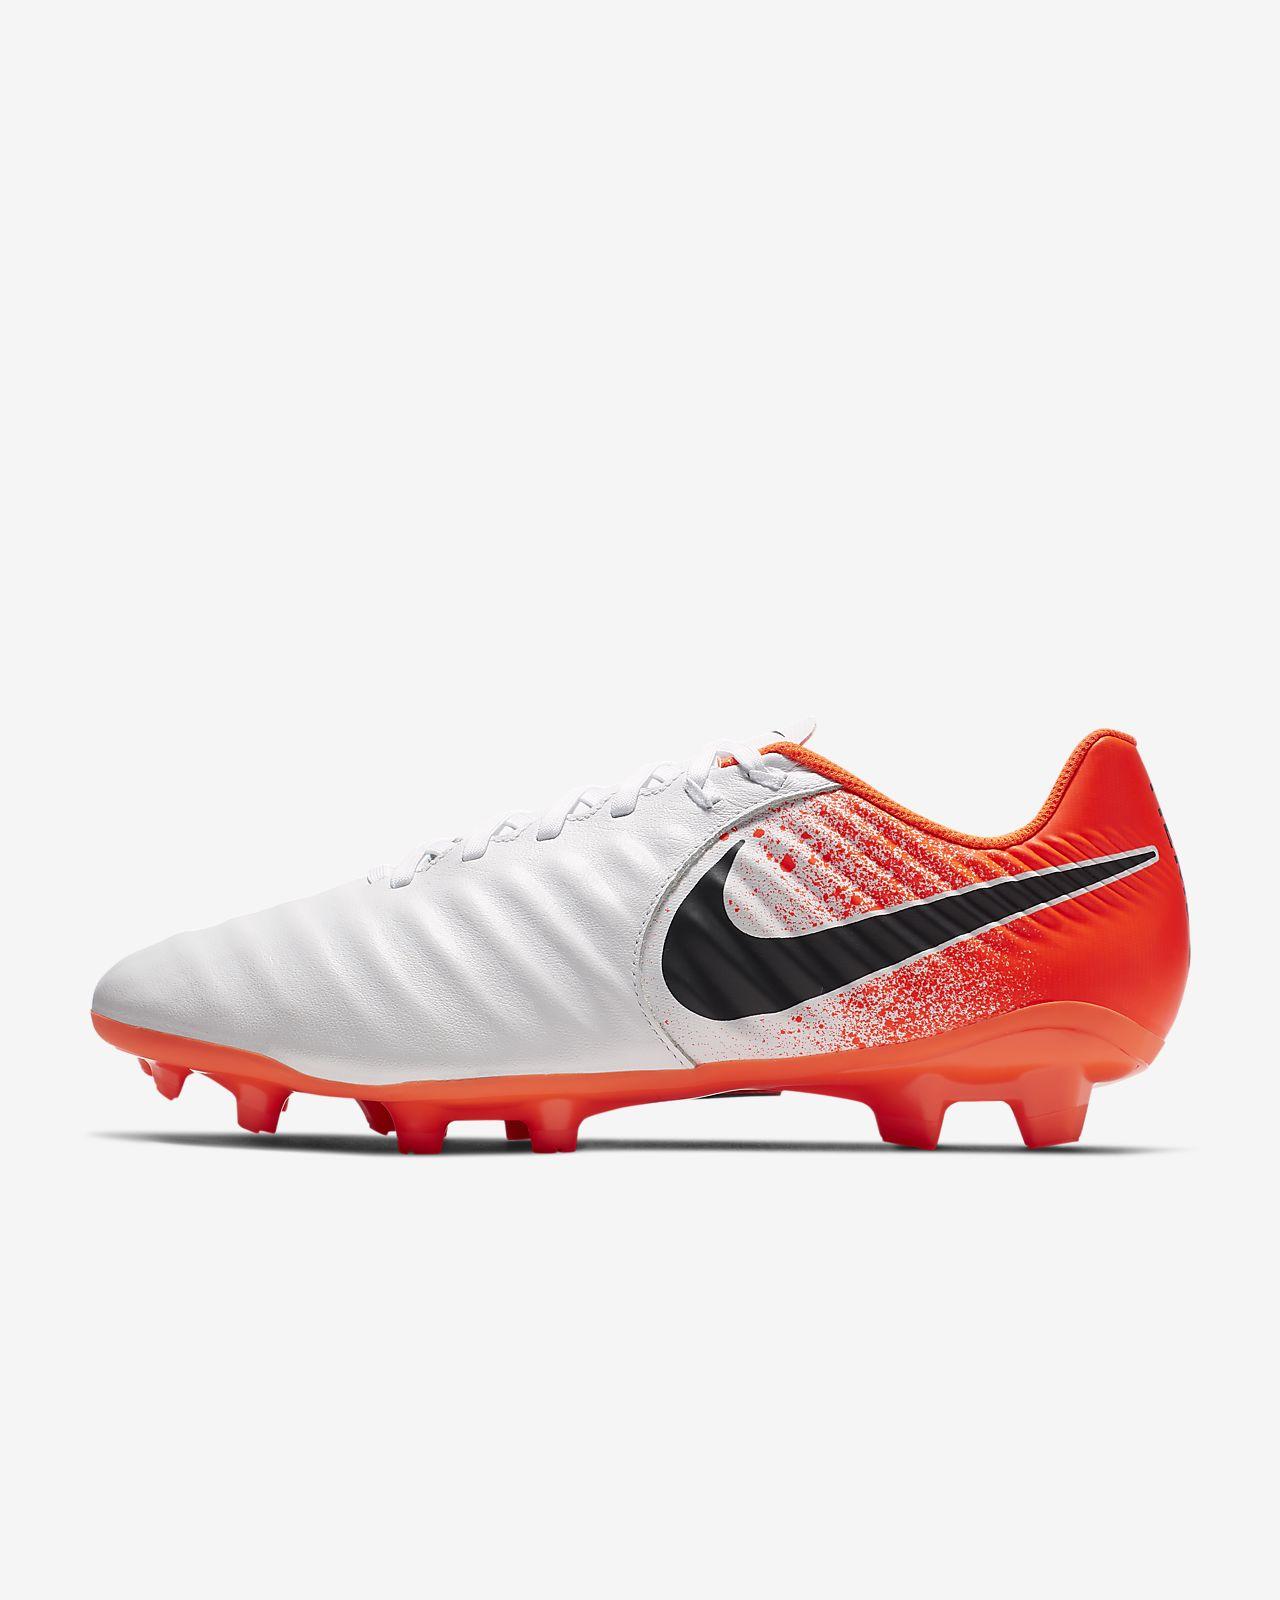 Nike Tiempo Legend VII Academy normál talajra készült stoplis futballcipő